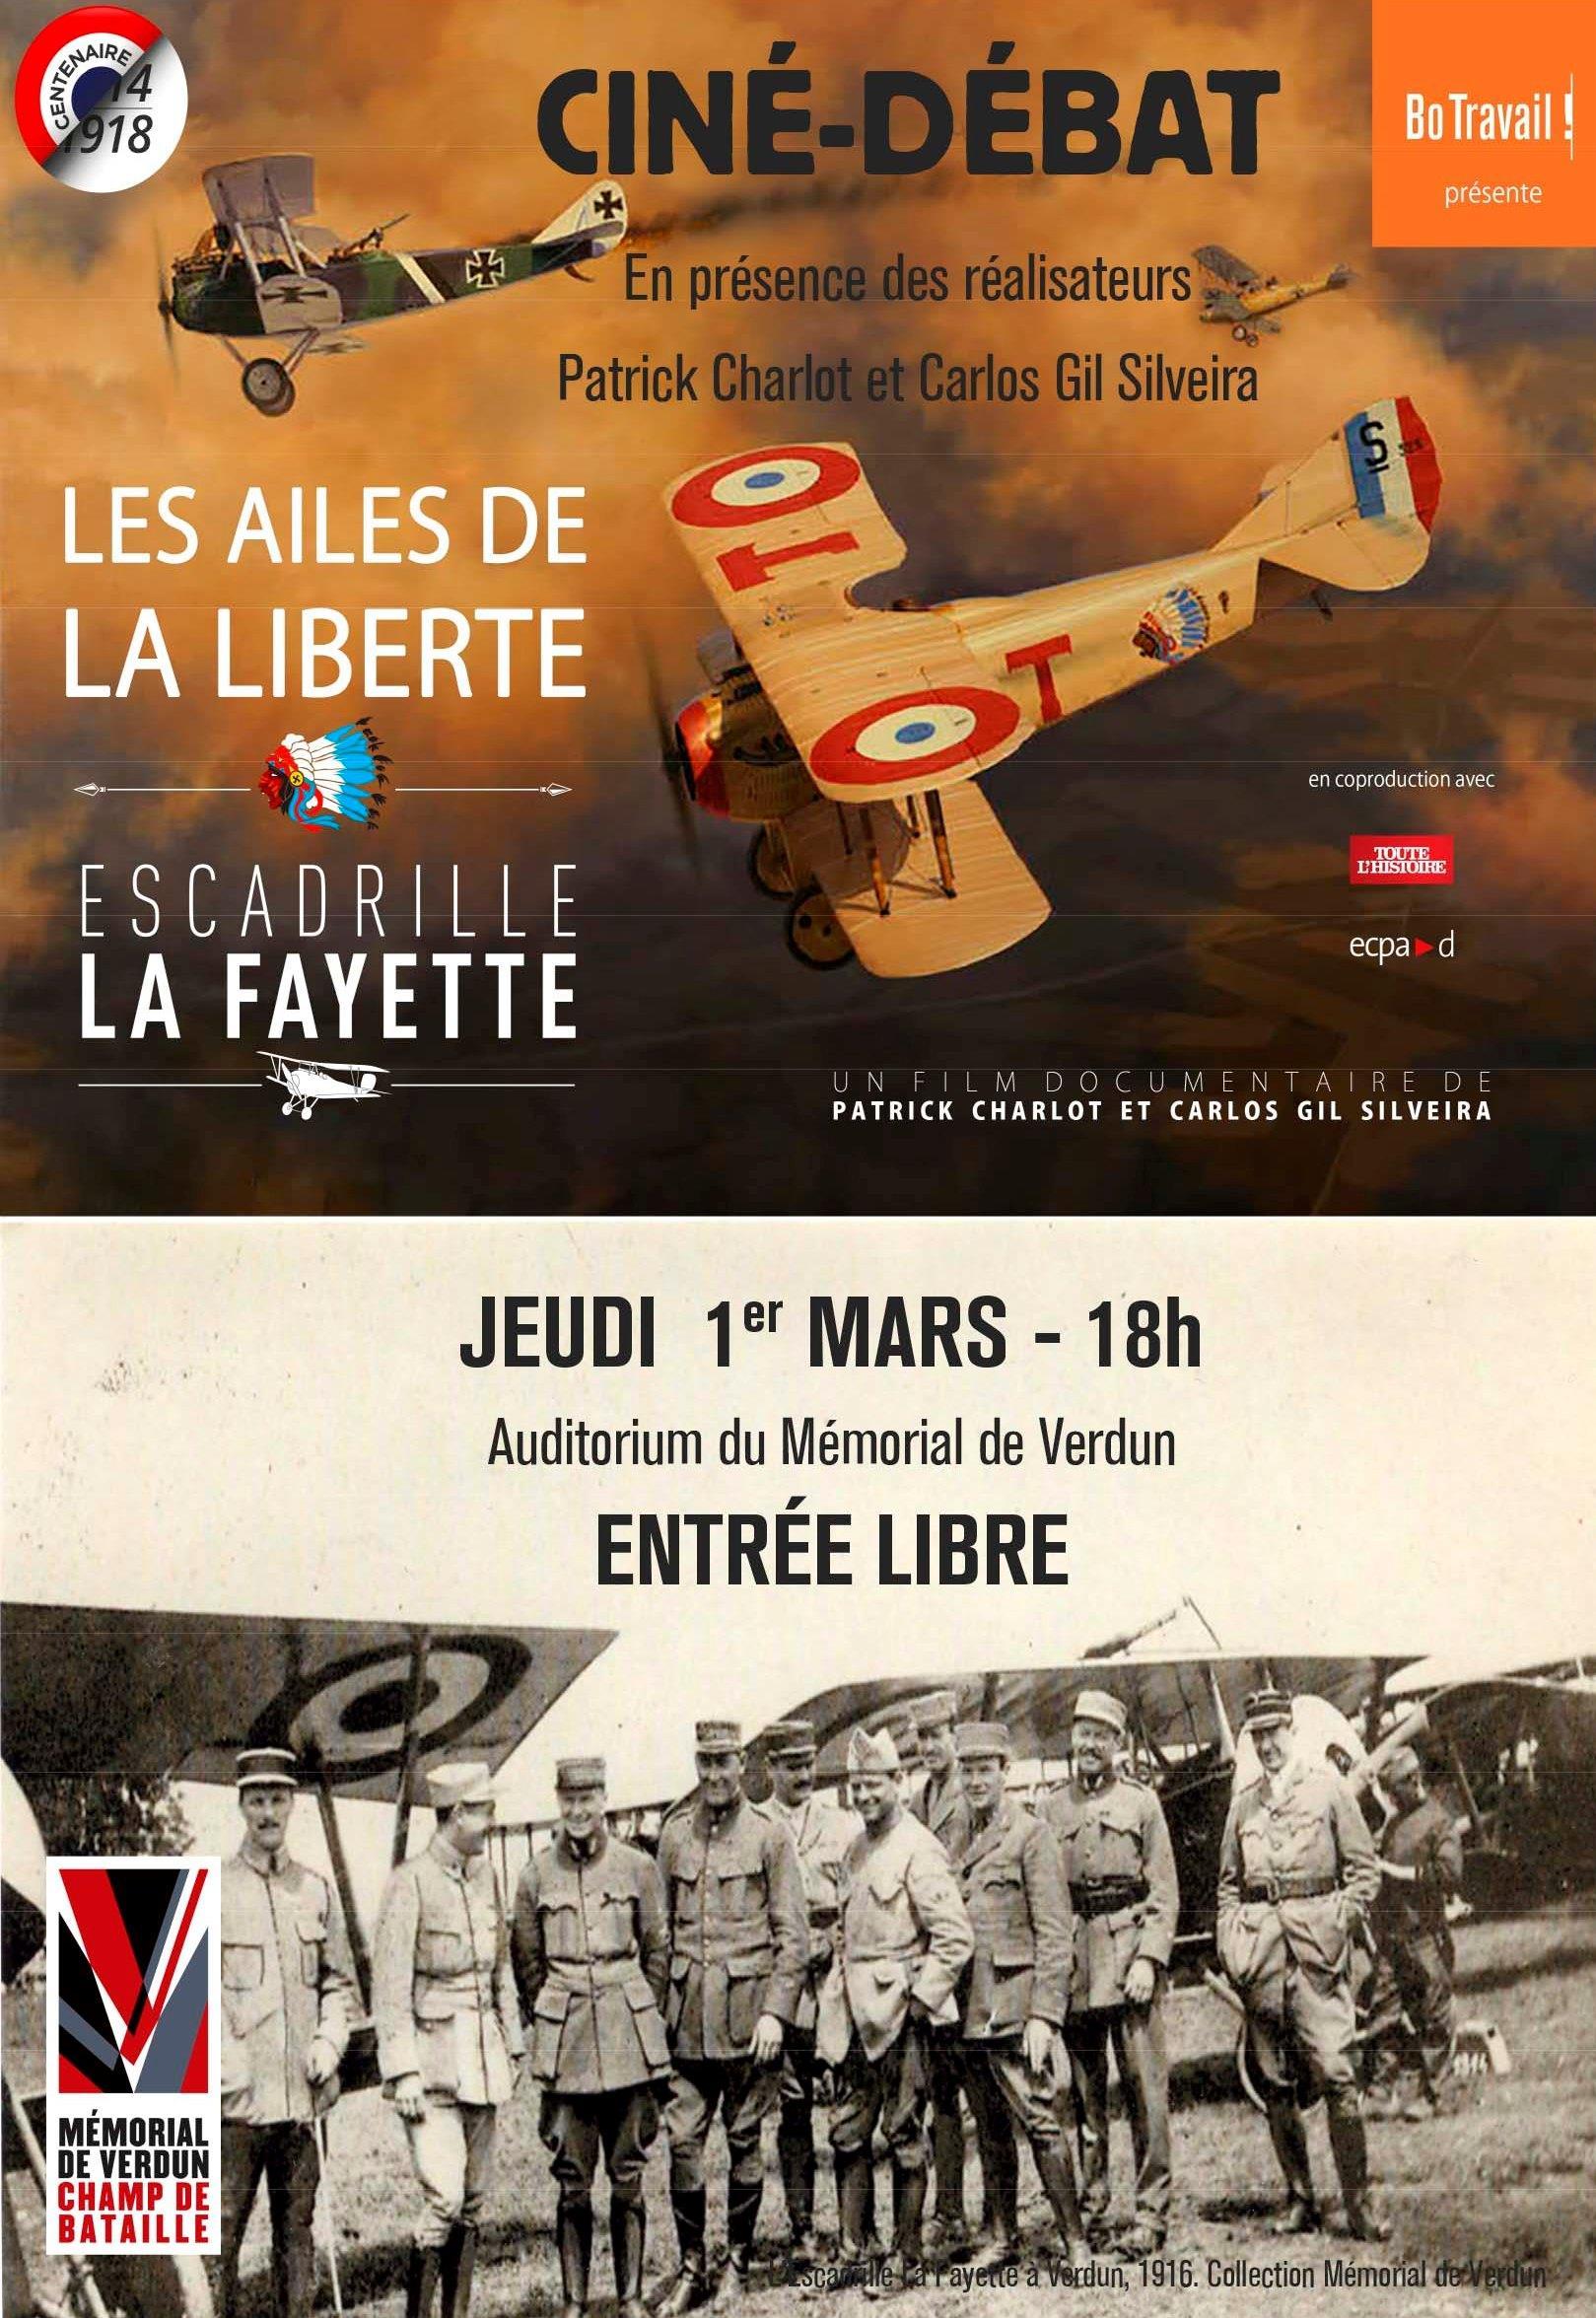 CINÉ-DÉBAT | LES AILES DE LA LIBERTÉ - ESCADRILLE LA FAYETTE (2016)